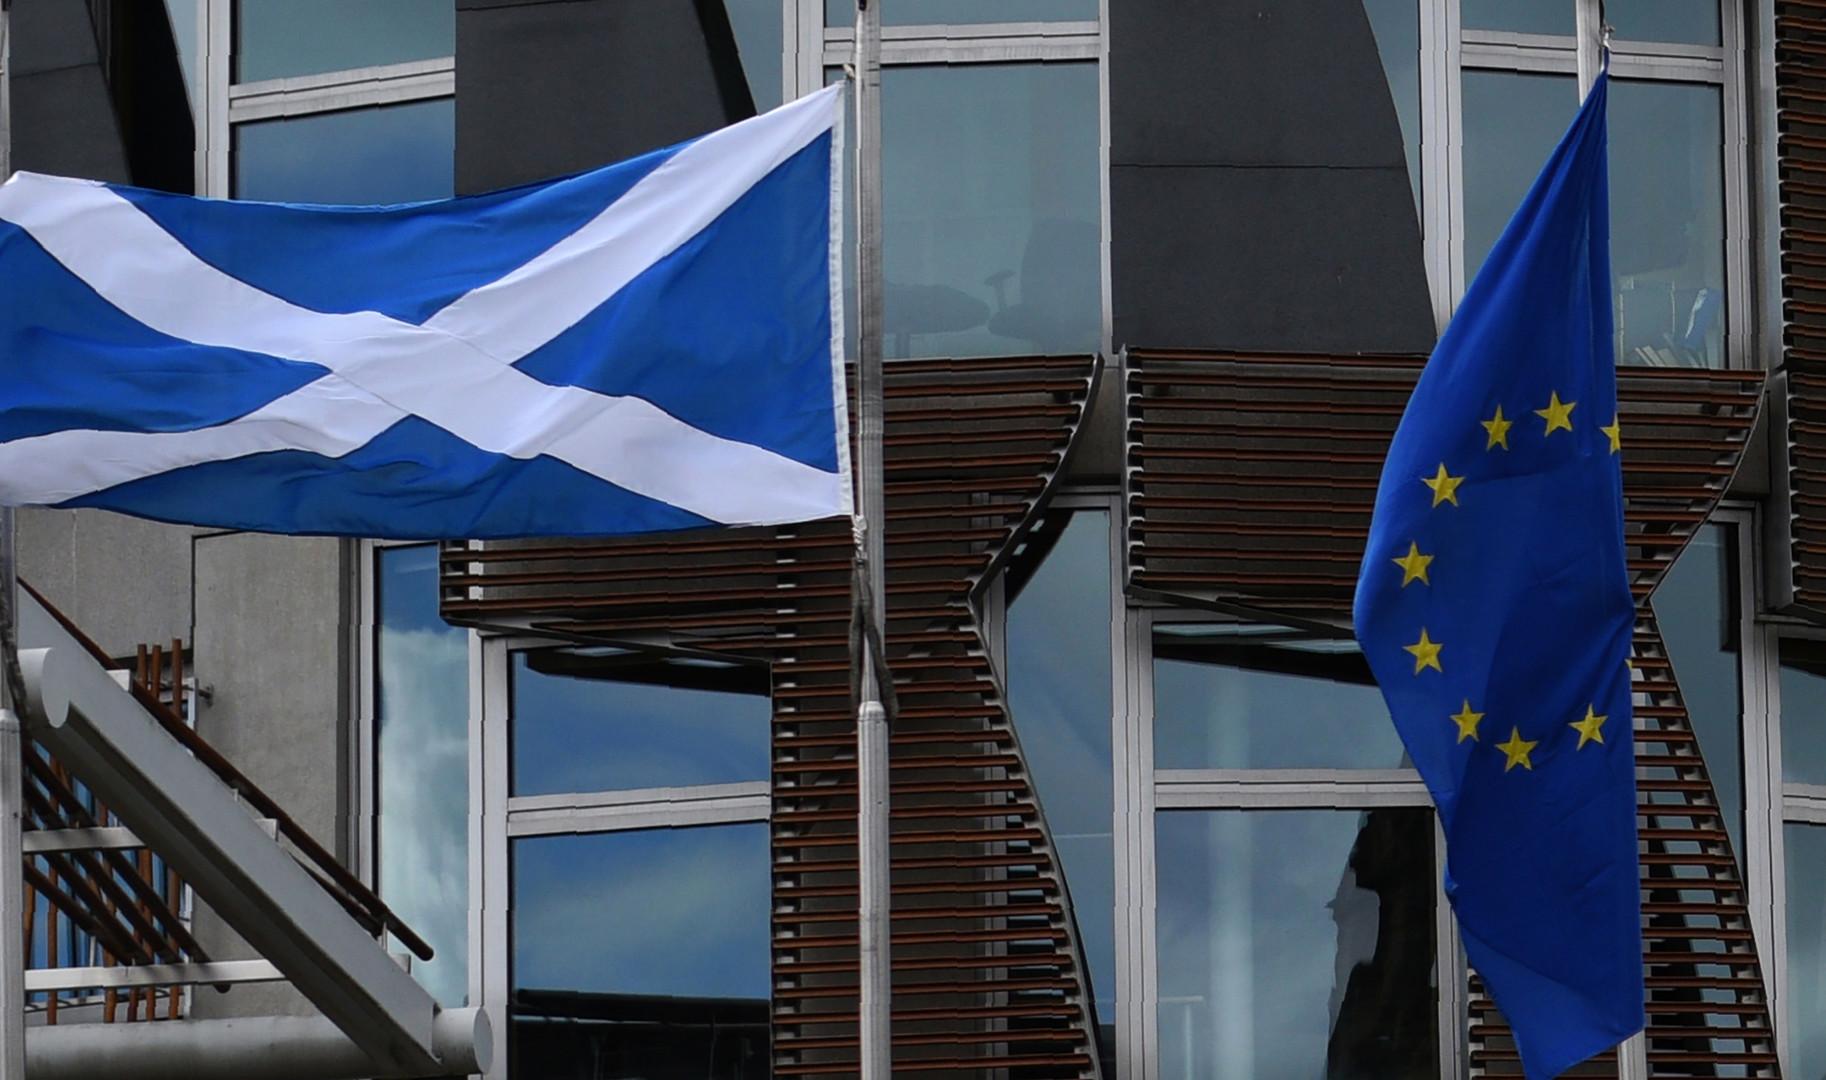 Шотландия начинает консультации с ЕС для сохранения членства страны в союзе